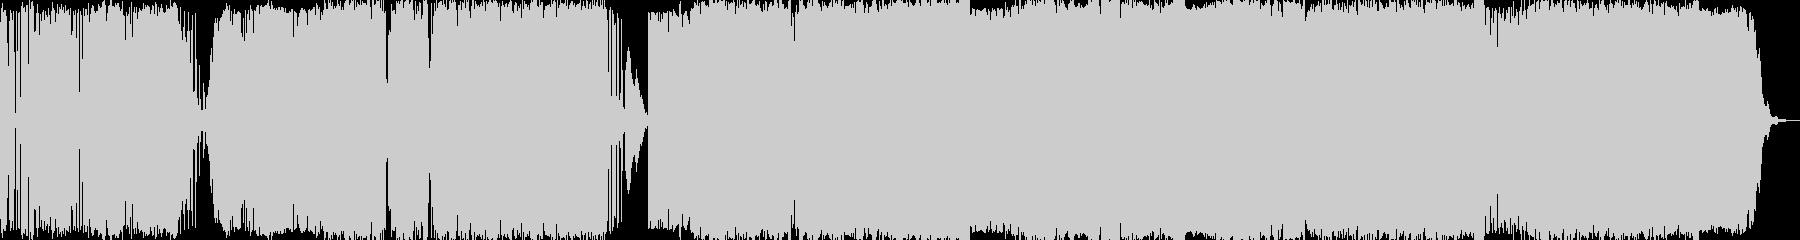 エレクトロ 技術的な 説明的 静か...の未再生の波形